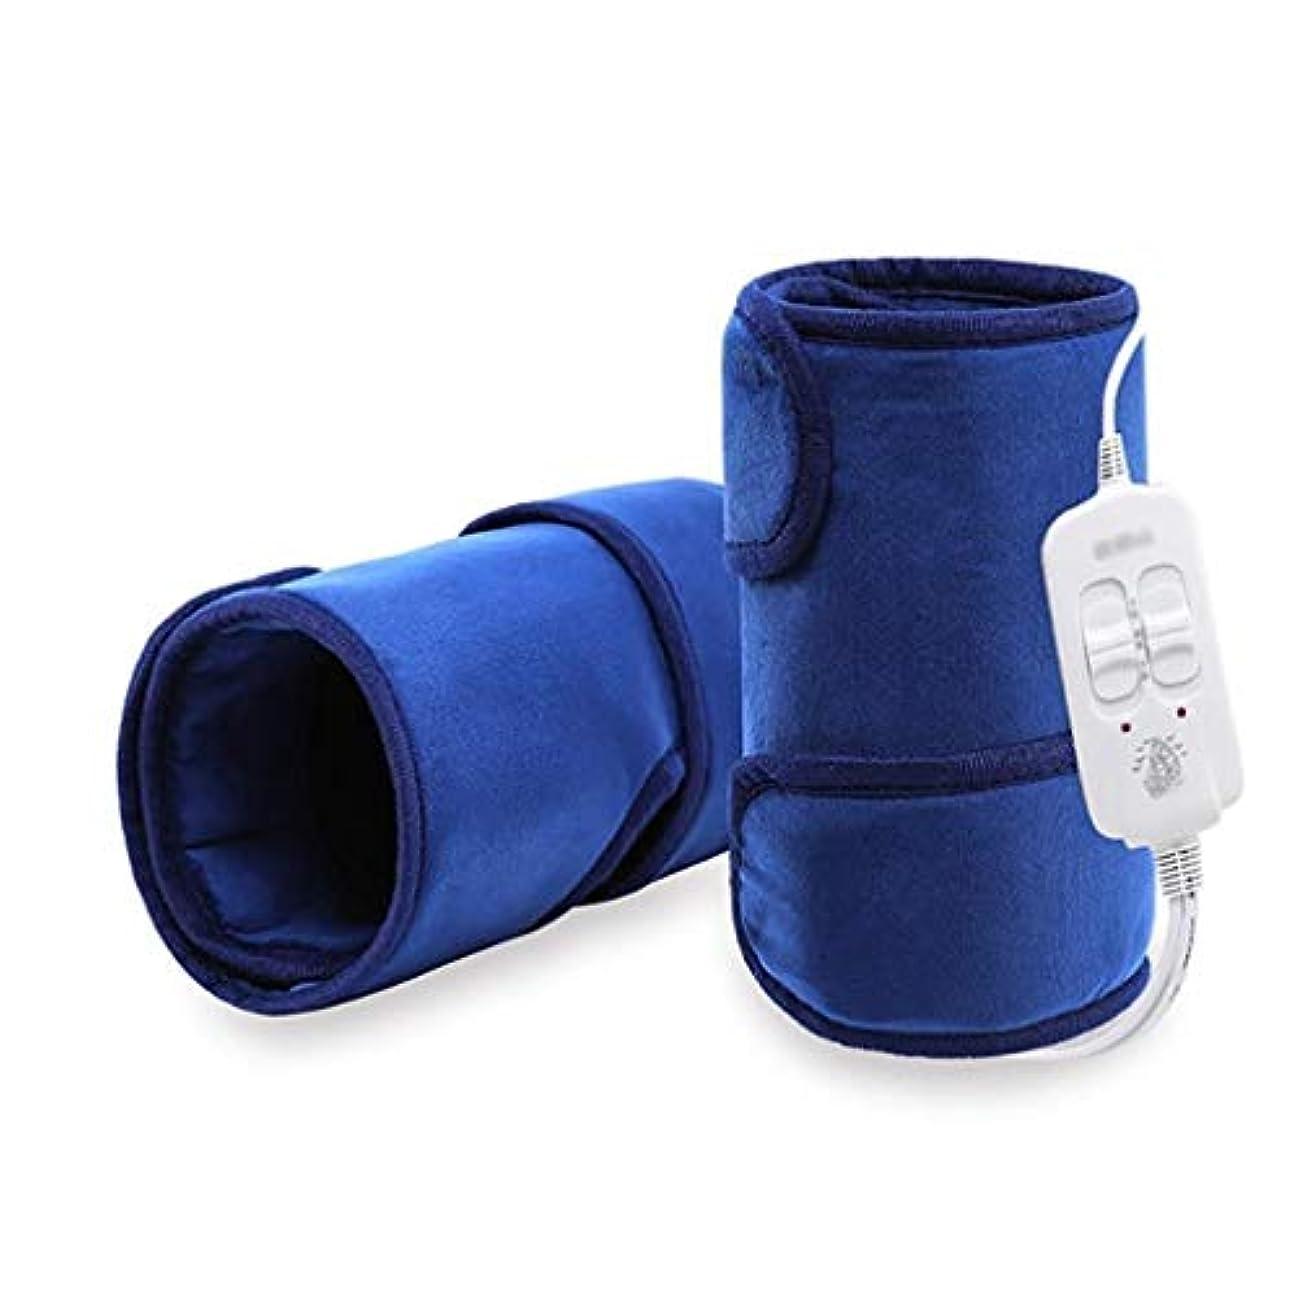 の配列フラスコ管理レッグケアマッサージャー、加熱膝パッド、脚Pad/温かい/温湿布/遠赤外線、血液循環を促進 (Color : 青)